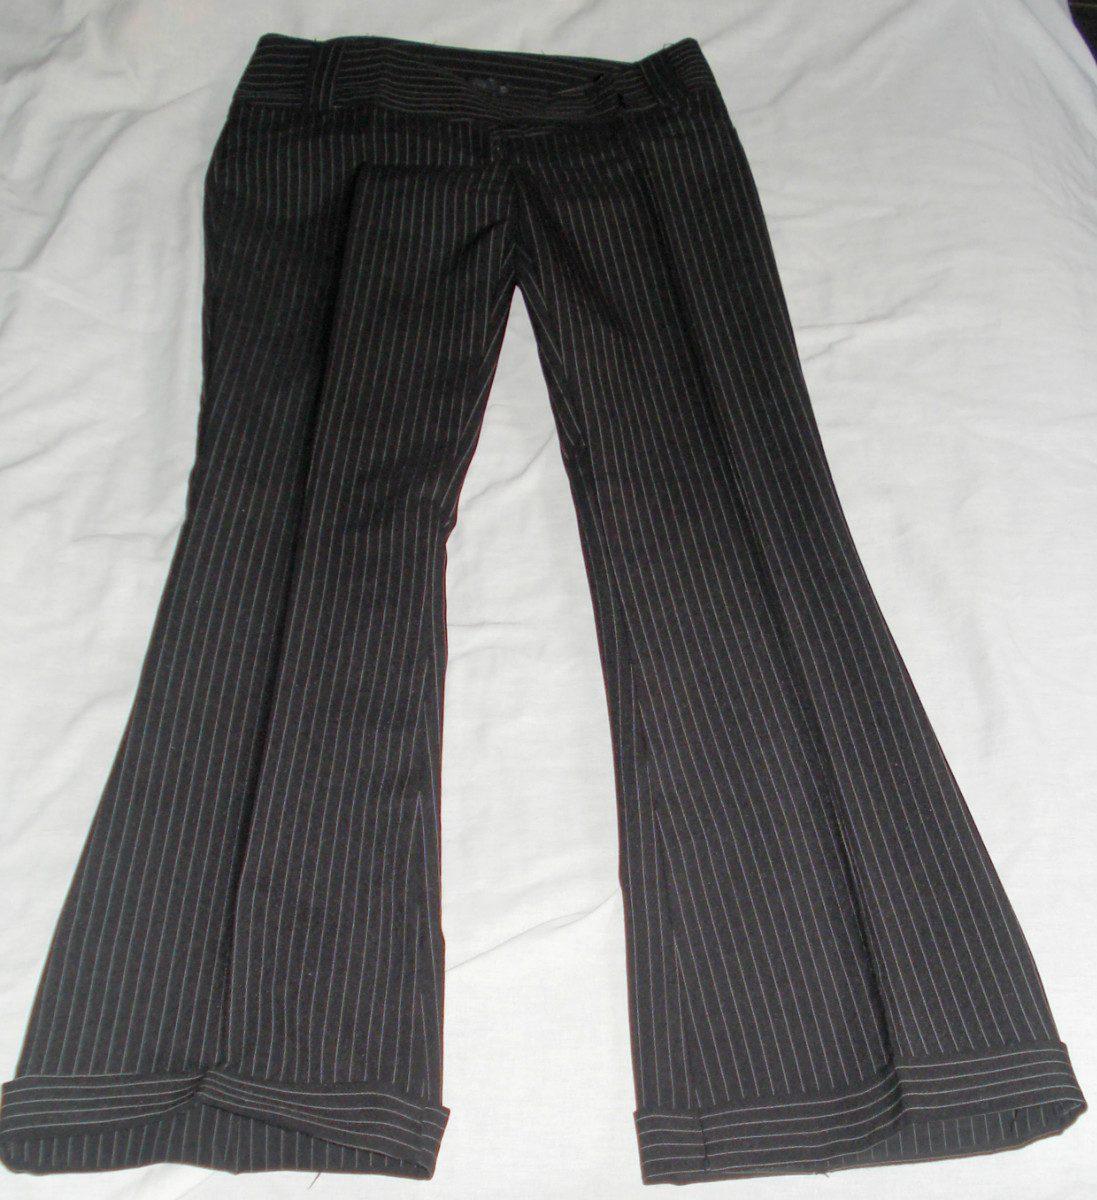 Encuentra Pantalon De Vestir Dama - Pantalones de Mujer en Mercado Libre México. Descubre la mejor forma de comprar online.